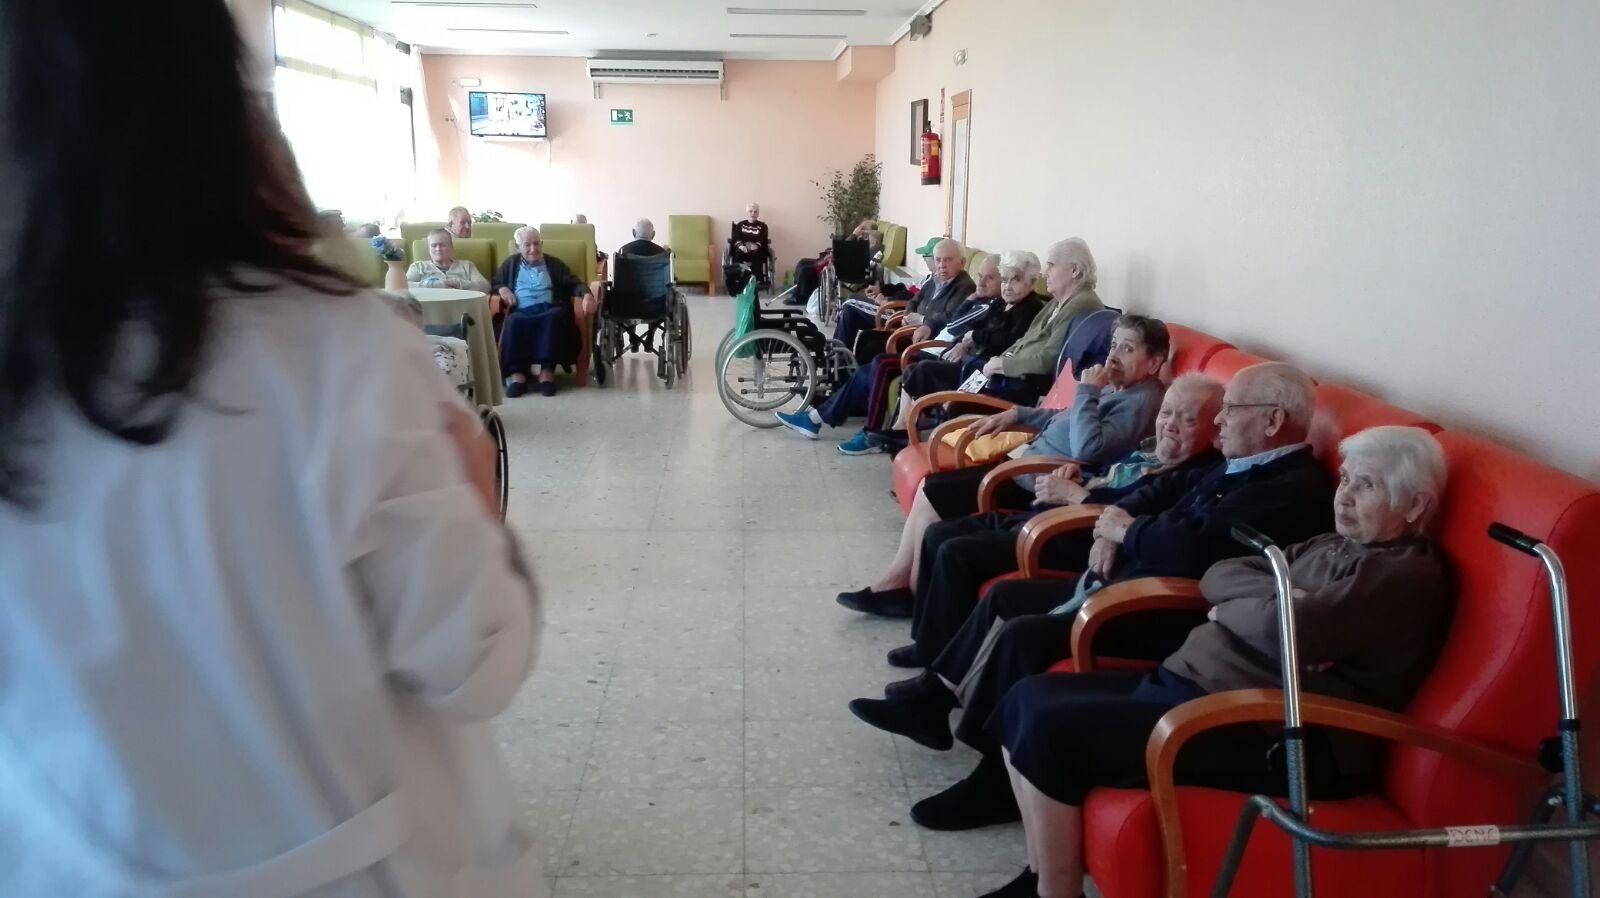 cuidar personas mayores en invierno